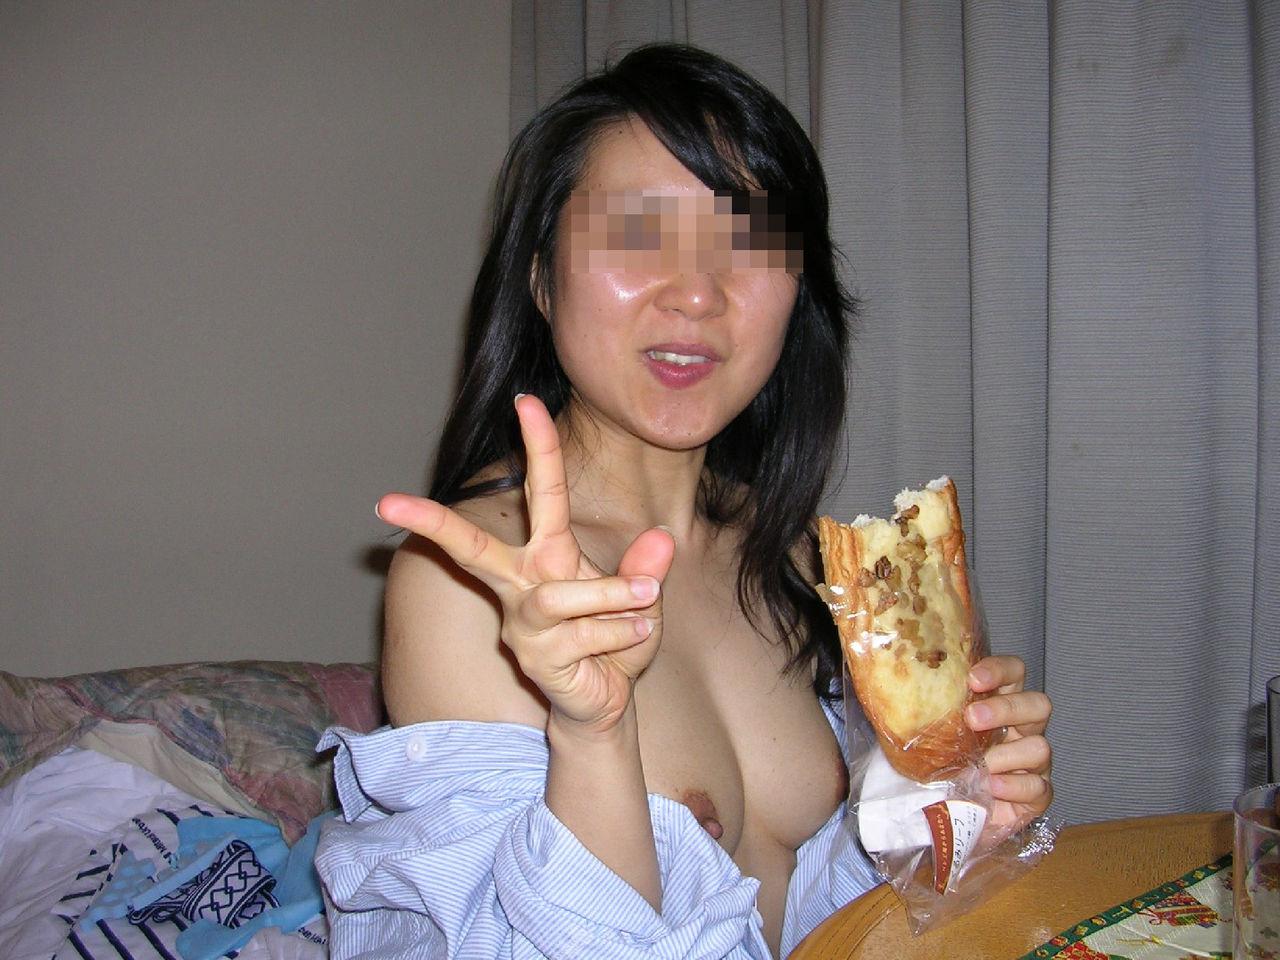 下品でエロい欲求不満素人娘のおふざけエロ画像50枚・55枚目の画像